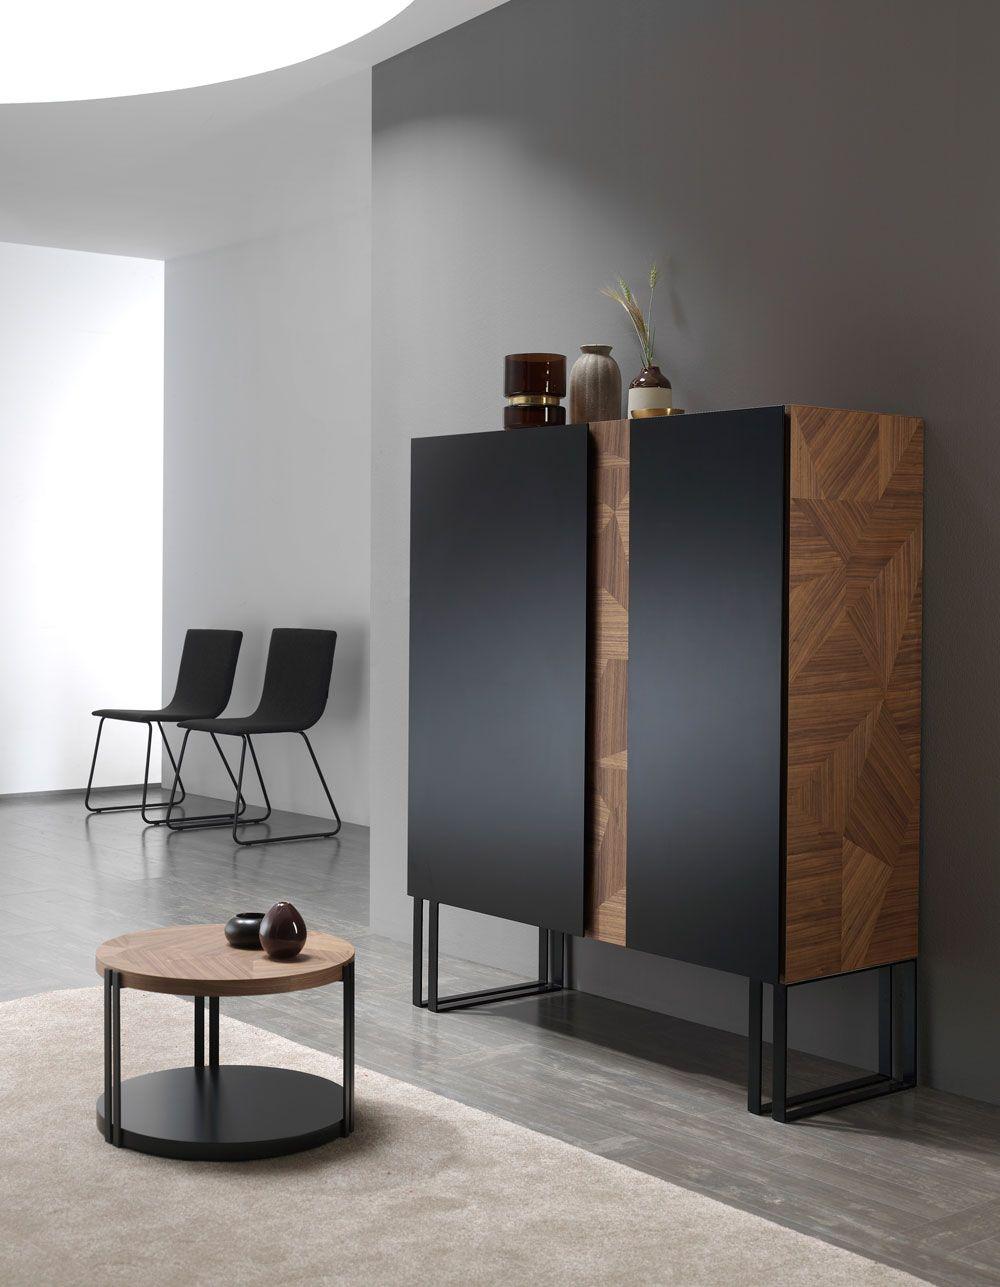 Proyecto Mueble Funcional Diseño De Mobiliario A Medida: Carey By C. Terranegra & M.A. Andreu